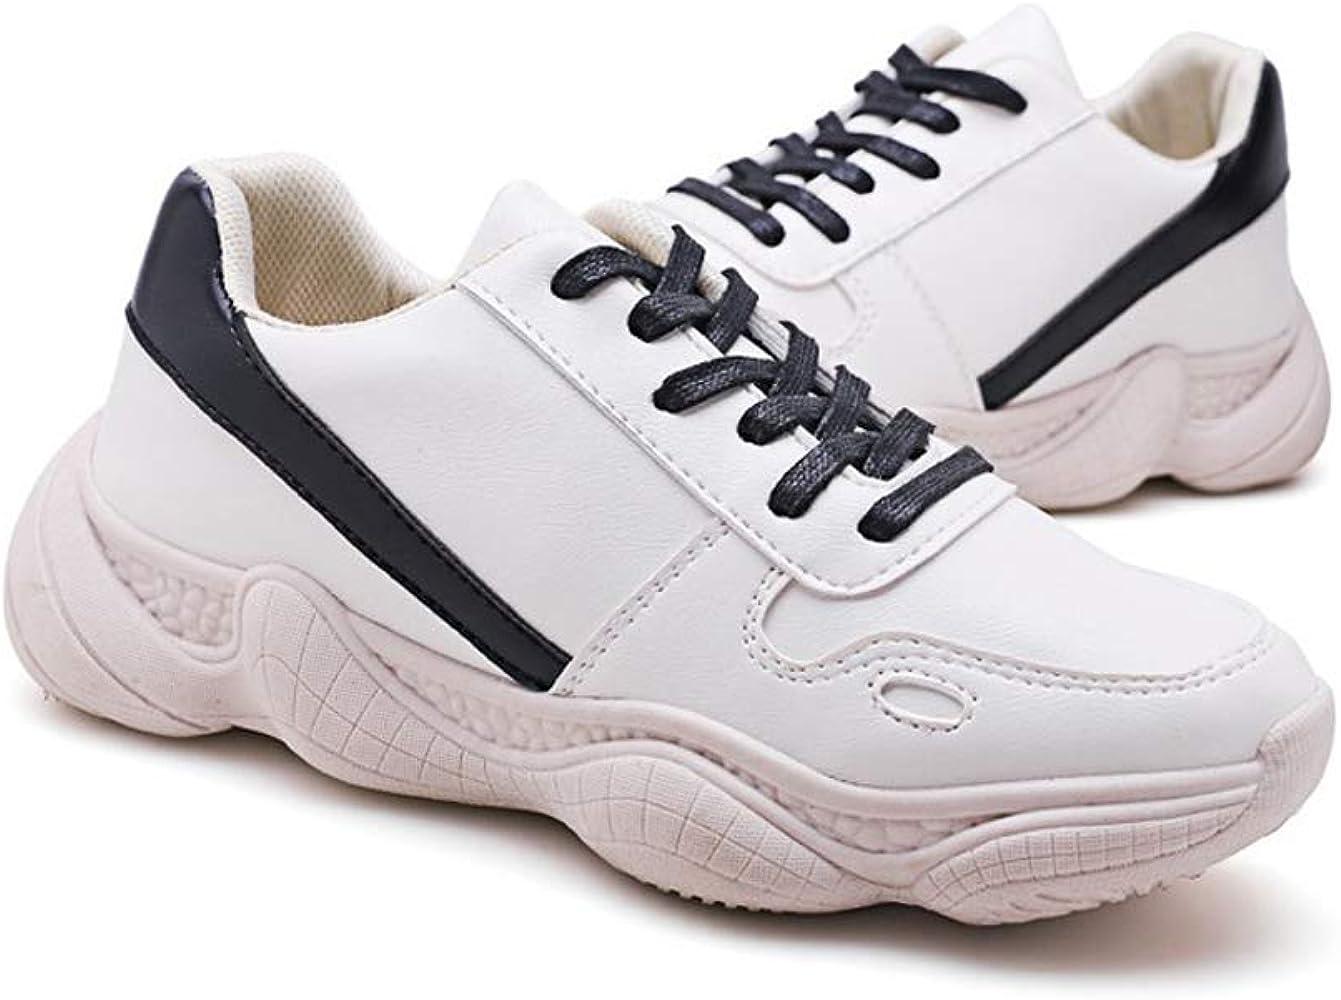 Zapatillas Deportivas para Hombres Zapatillas de Deporte ...